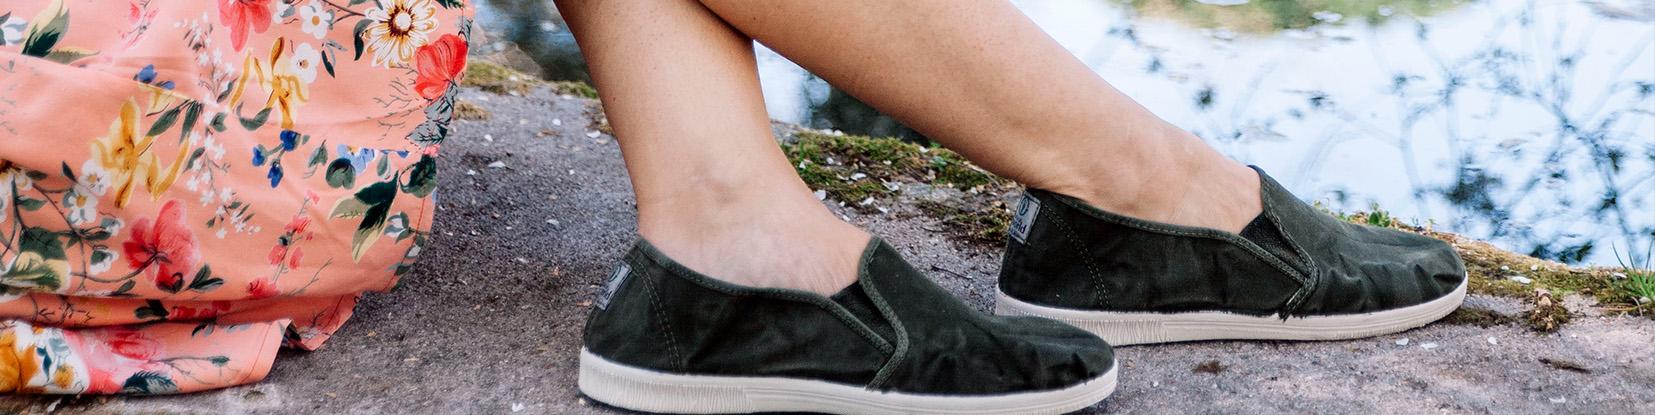 Camping Sneakers